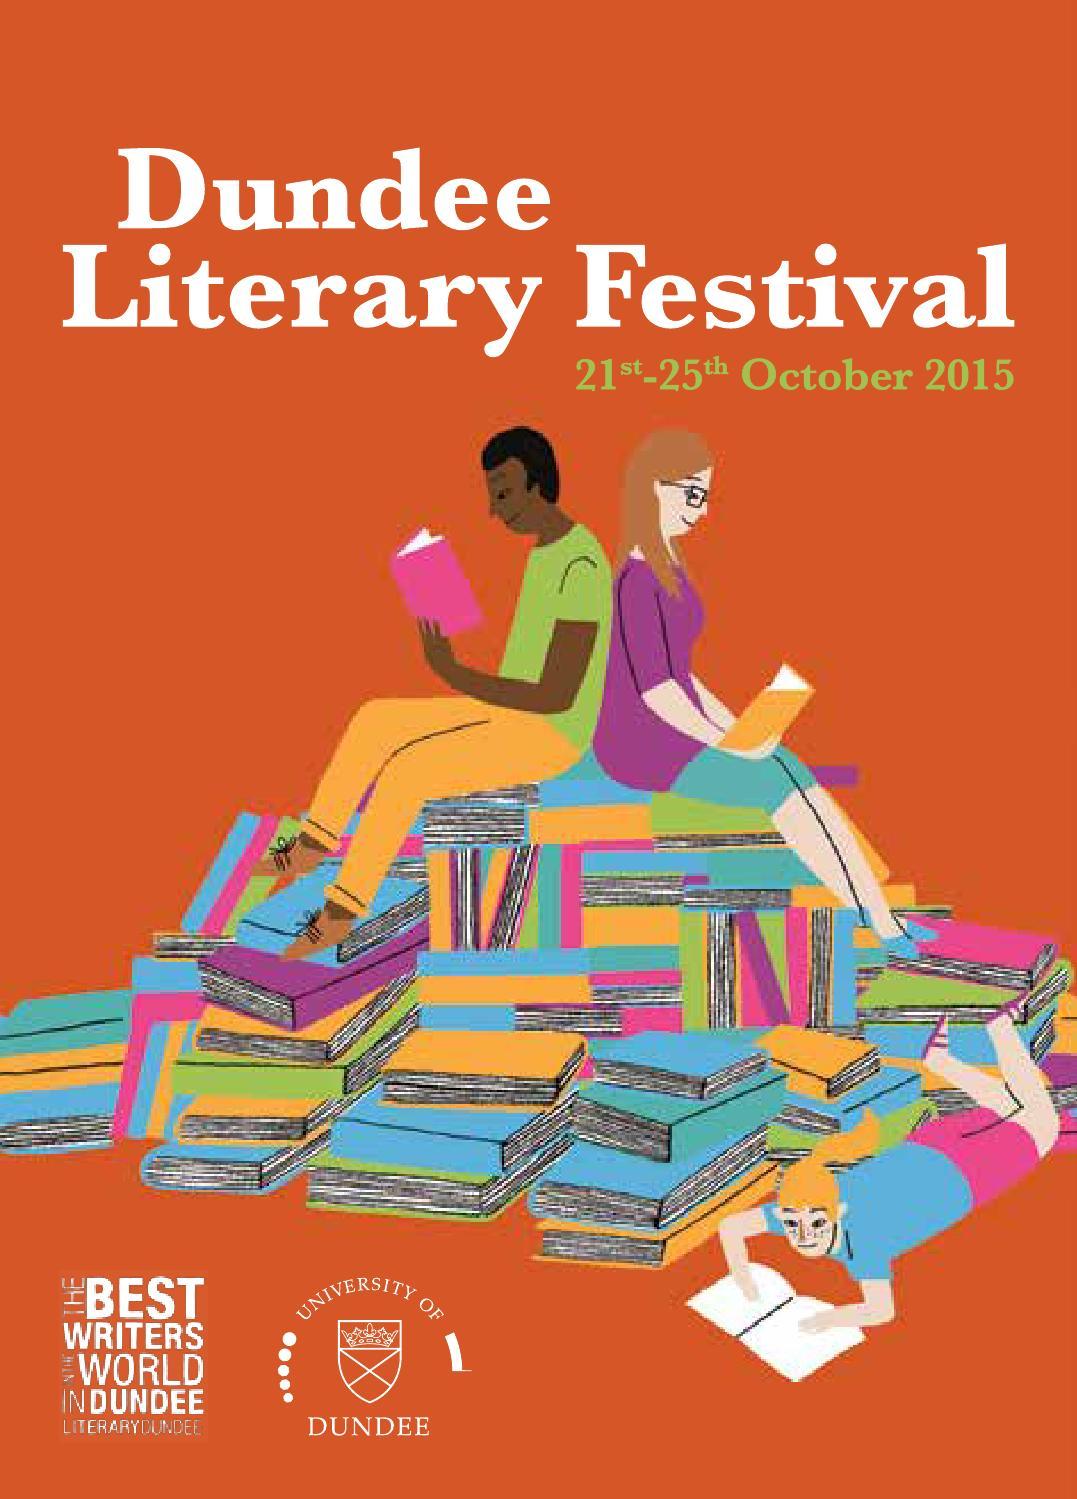 Dundee Literary Festival Design - Lit design 2015